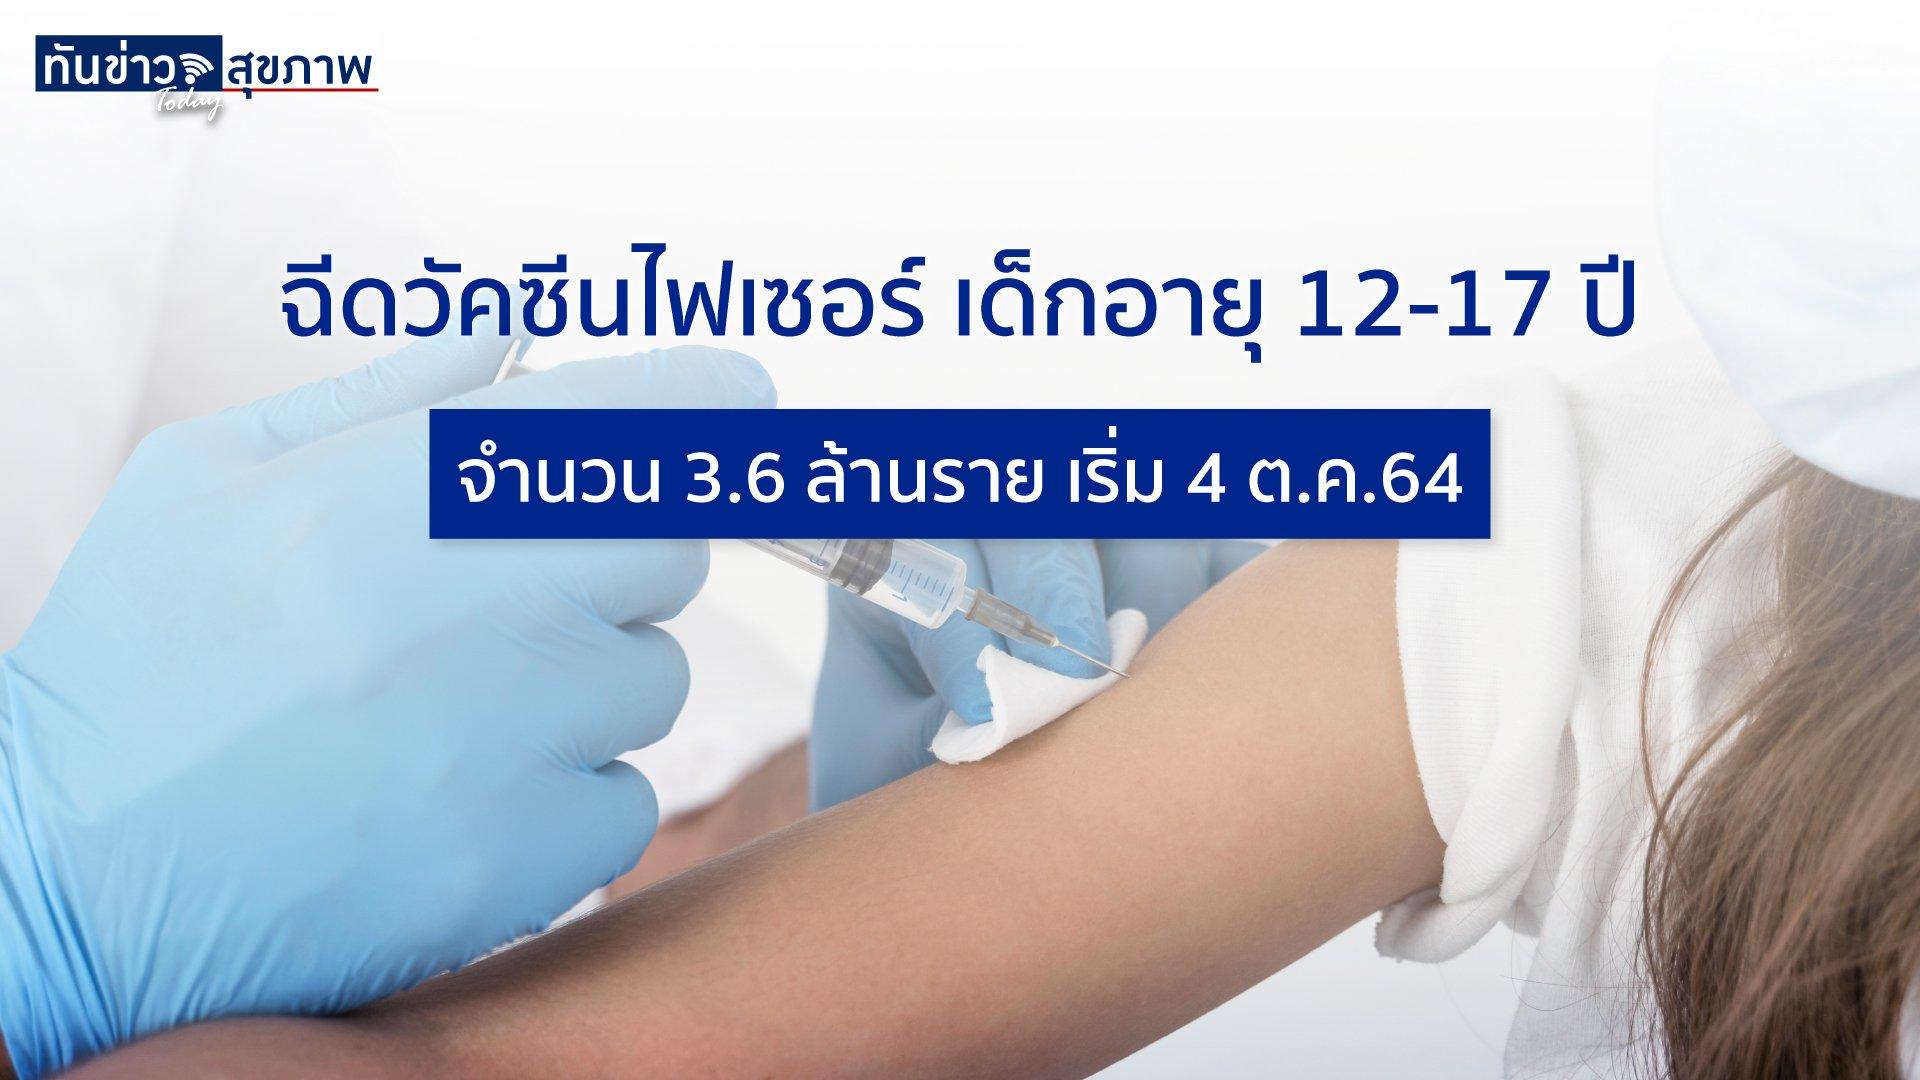 เริ่มฉีดไฟเซอร์เด็กอายุ 12-17 ปีเริ่ม 4 ต.ค.นื้ จำนวน 3.6 ล้านราย คิดเป็น 71% ของทั้งหมด 5 ล้านราย ย้ำผู้ปกครองเฝ้าดูอาการเด็กหลังรับวัคซีน